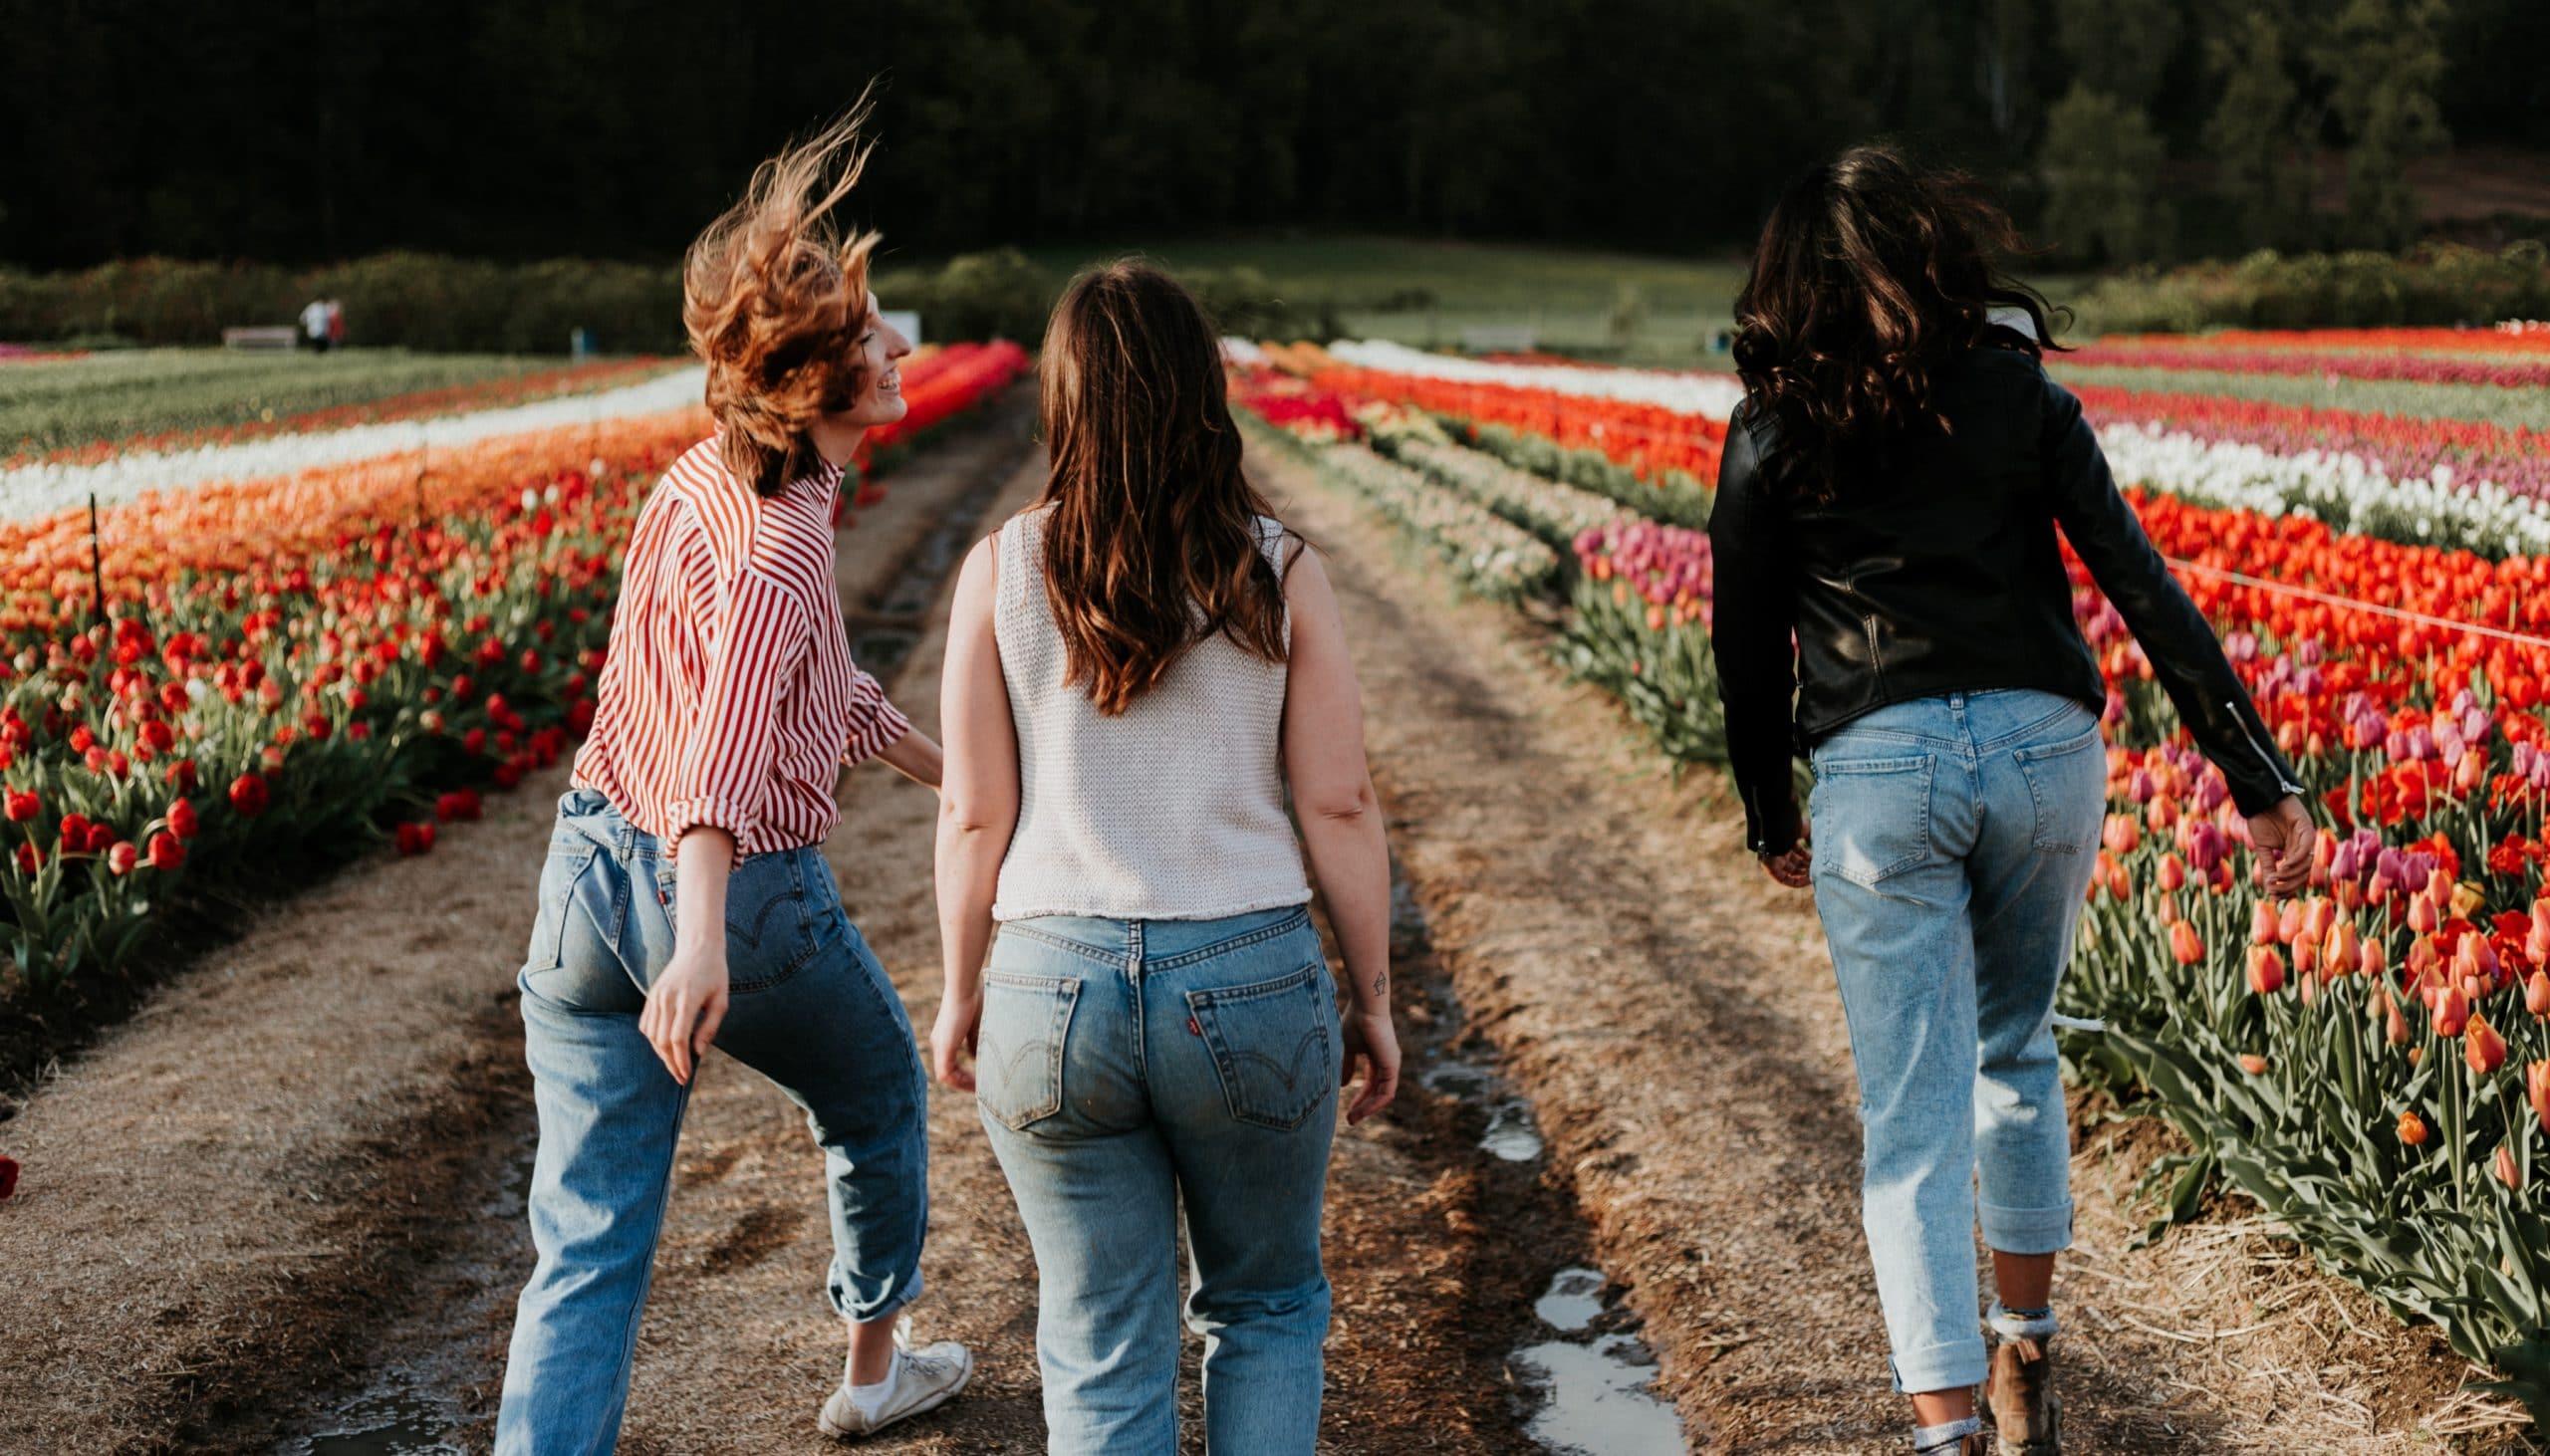 Jeansguide: Die richtige Jeans für deine Figur